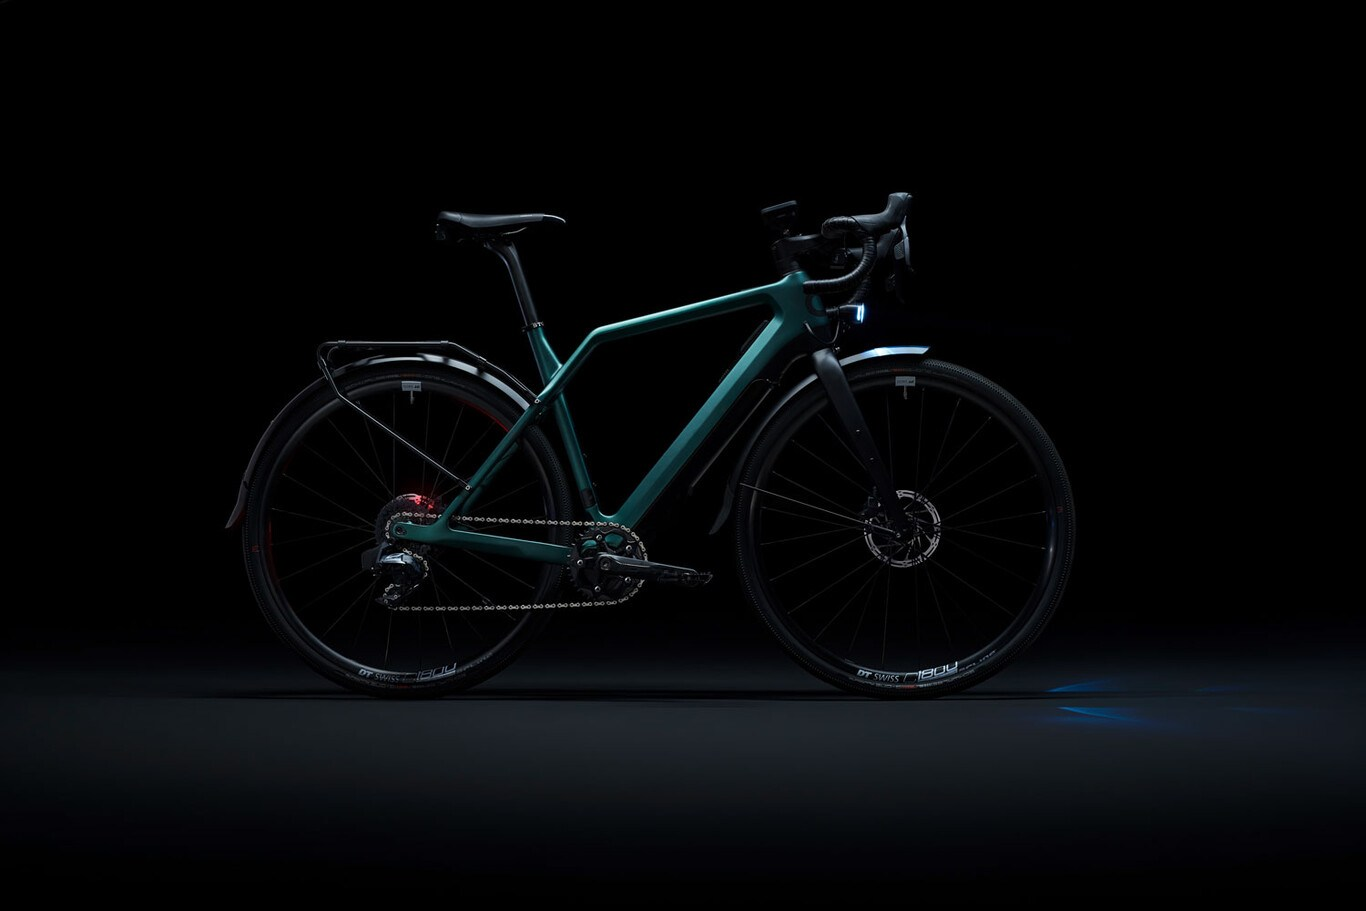 Porsche Cyklær, une nouvelle marque de vélos électriques connectés